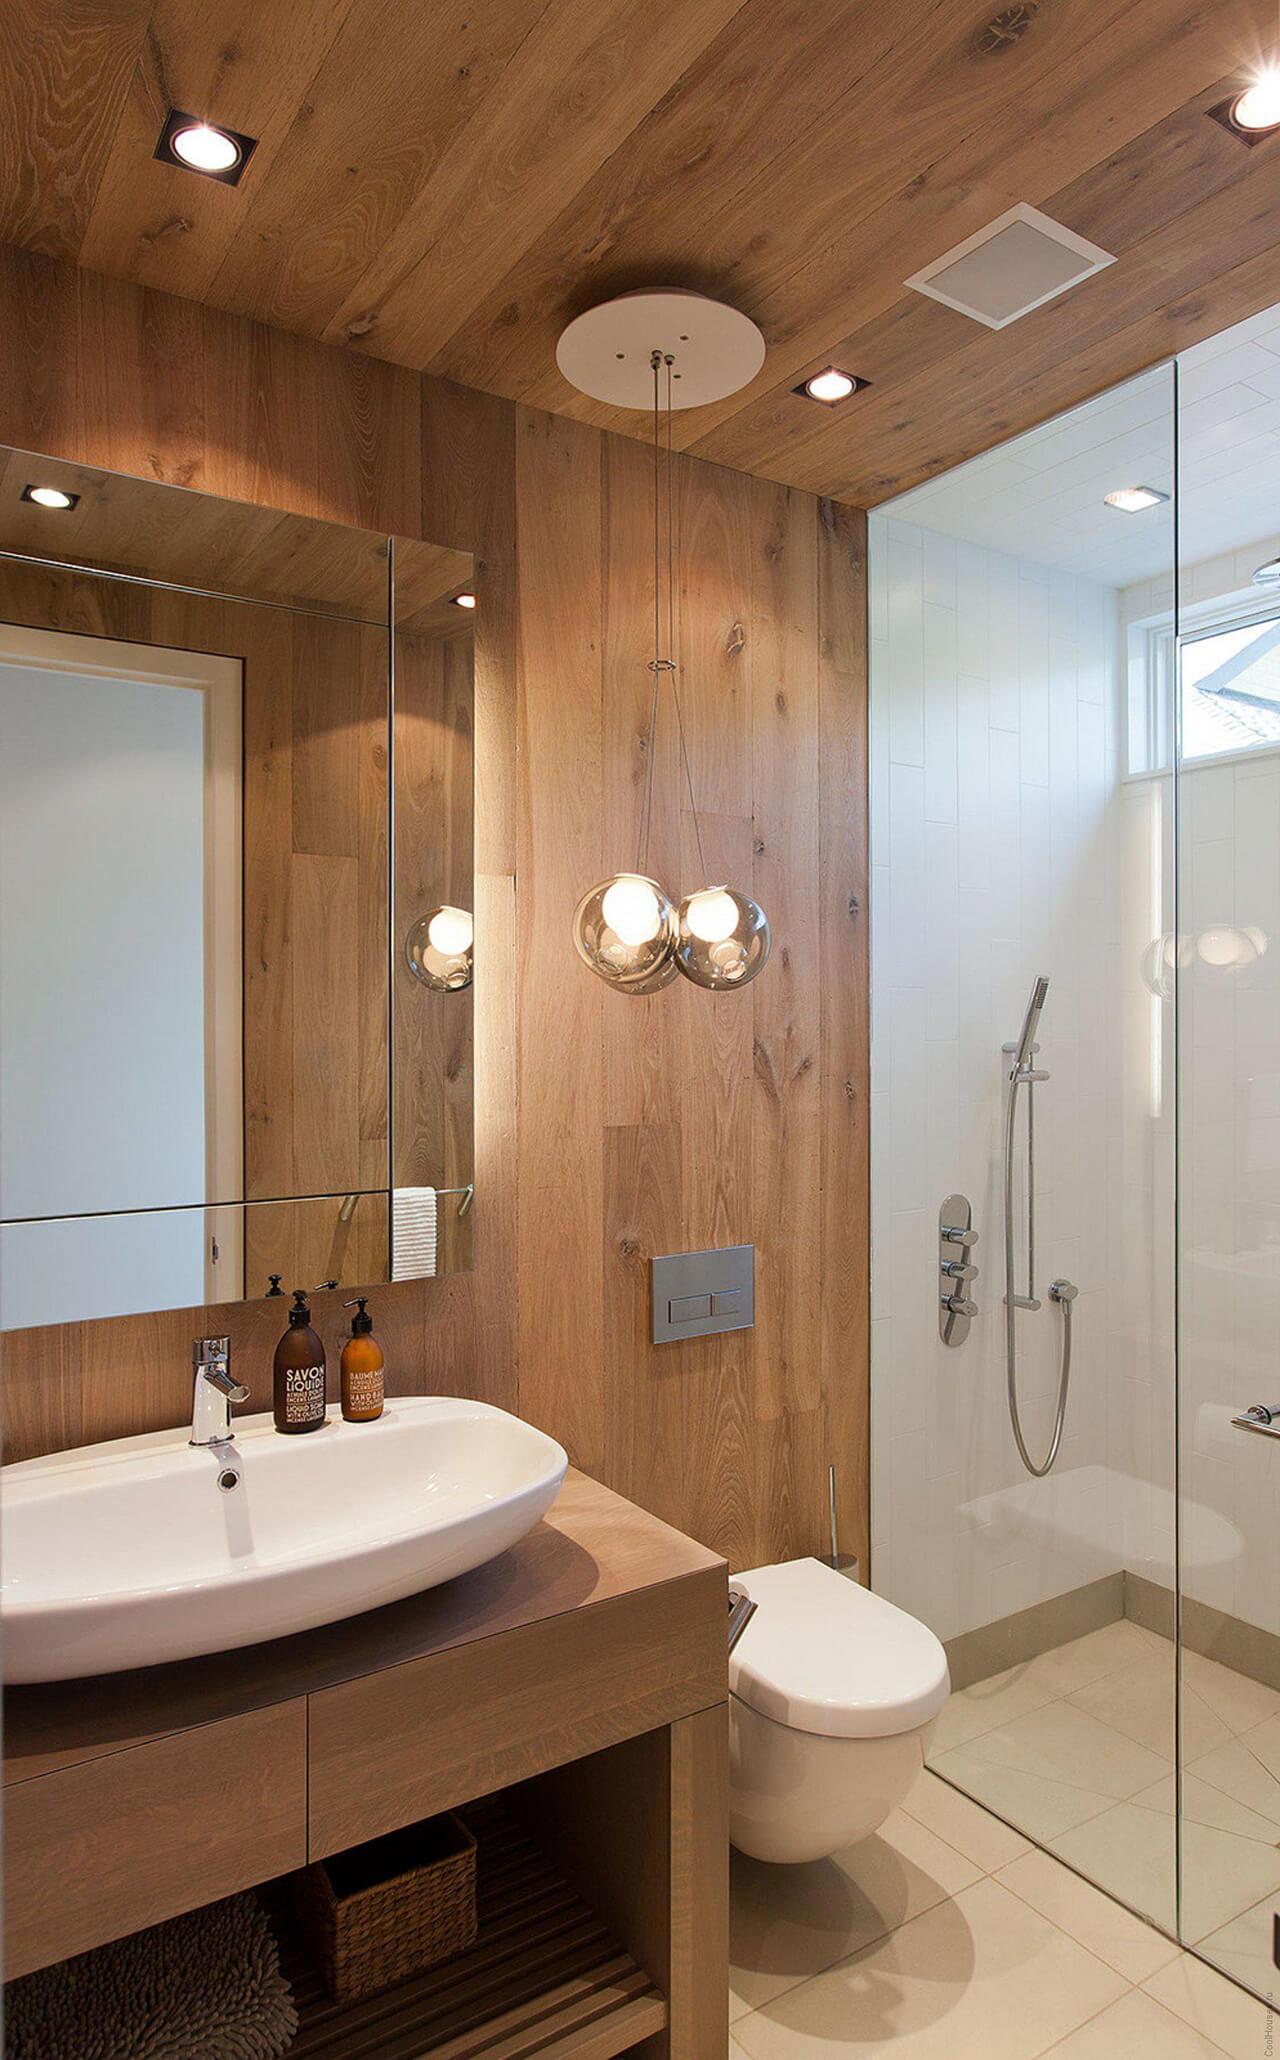 20+ Estupendas Ideas de Diseños de Baños Modernos y Pequeños